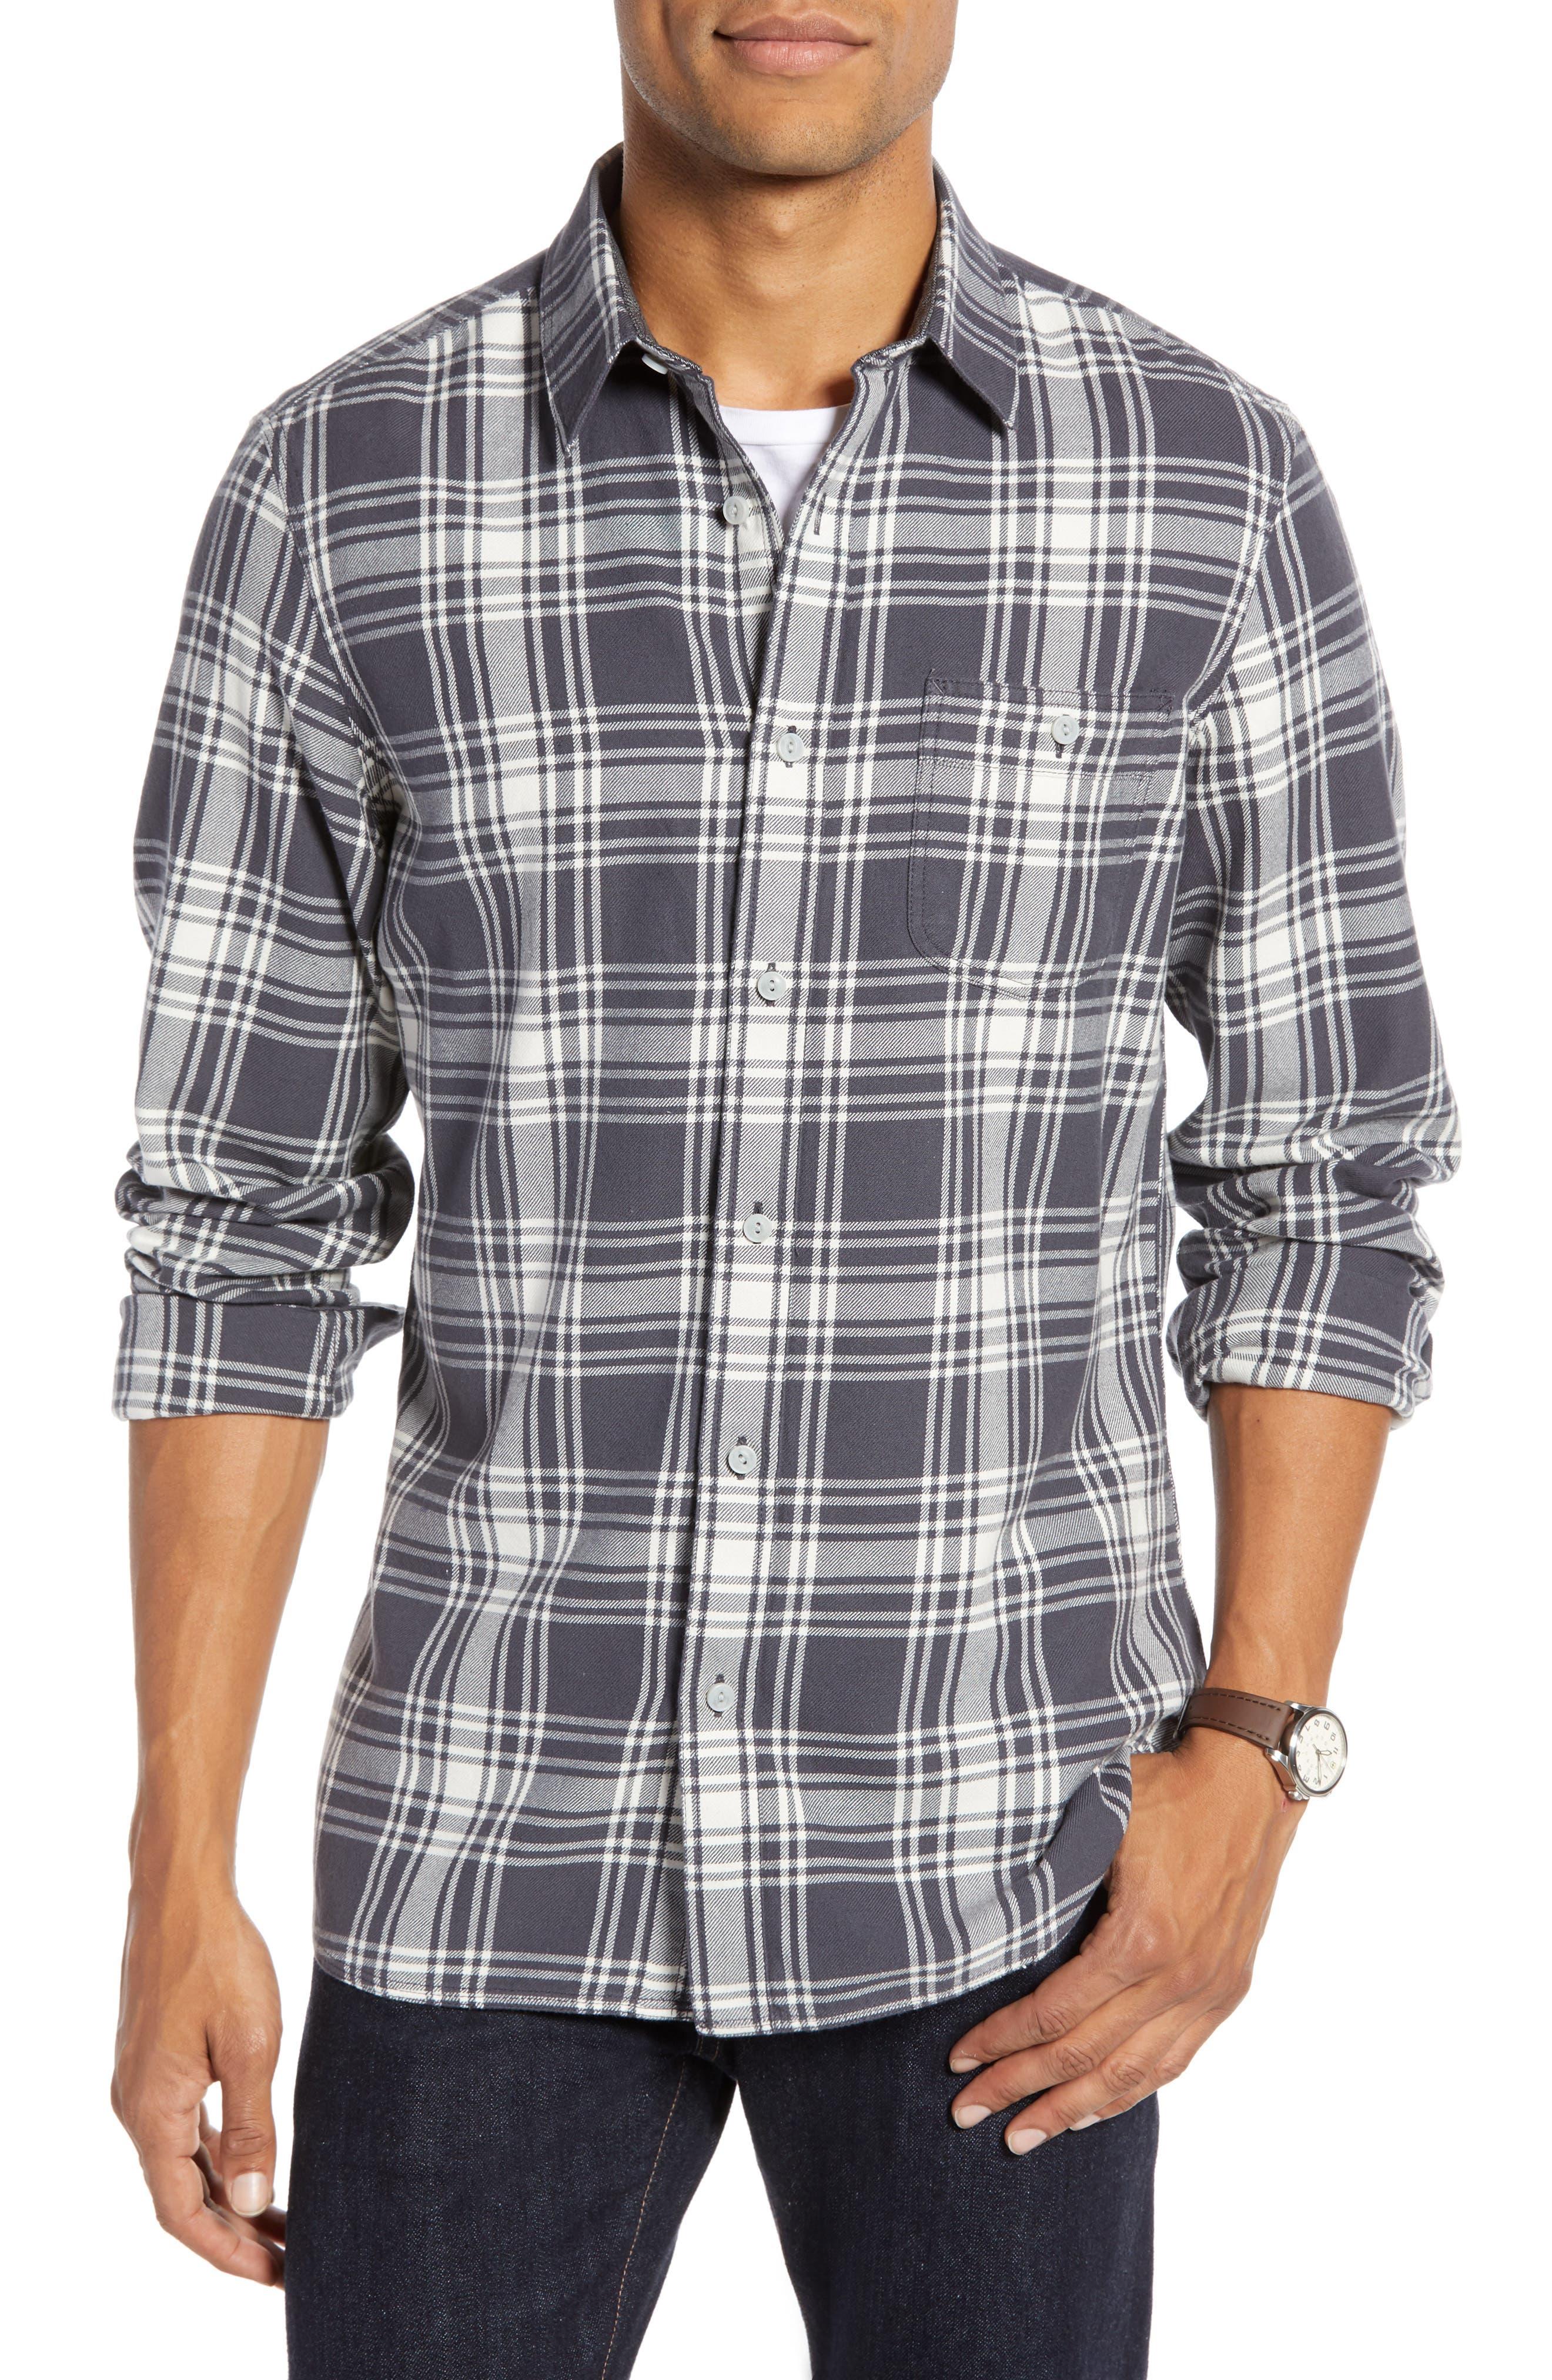 Plaid Utility Long Sleeve Trim Fit Sport Shirt,                             Main thumbnail 1, color,                             GREY CASTLEROCK PLAID